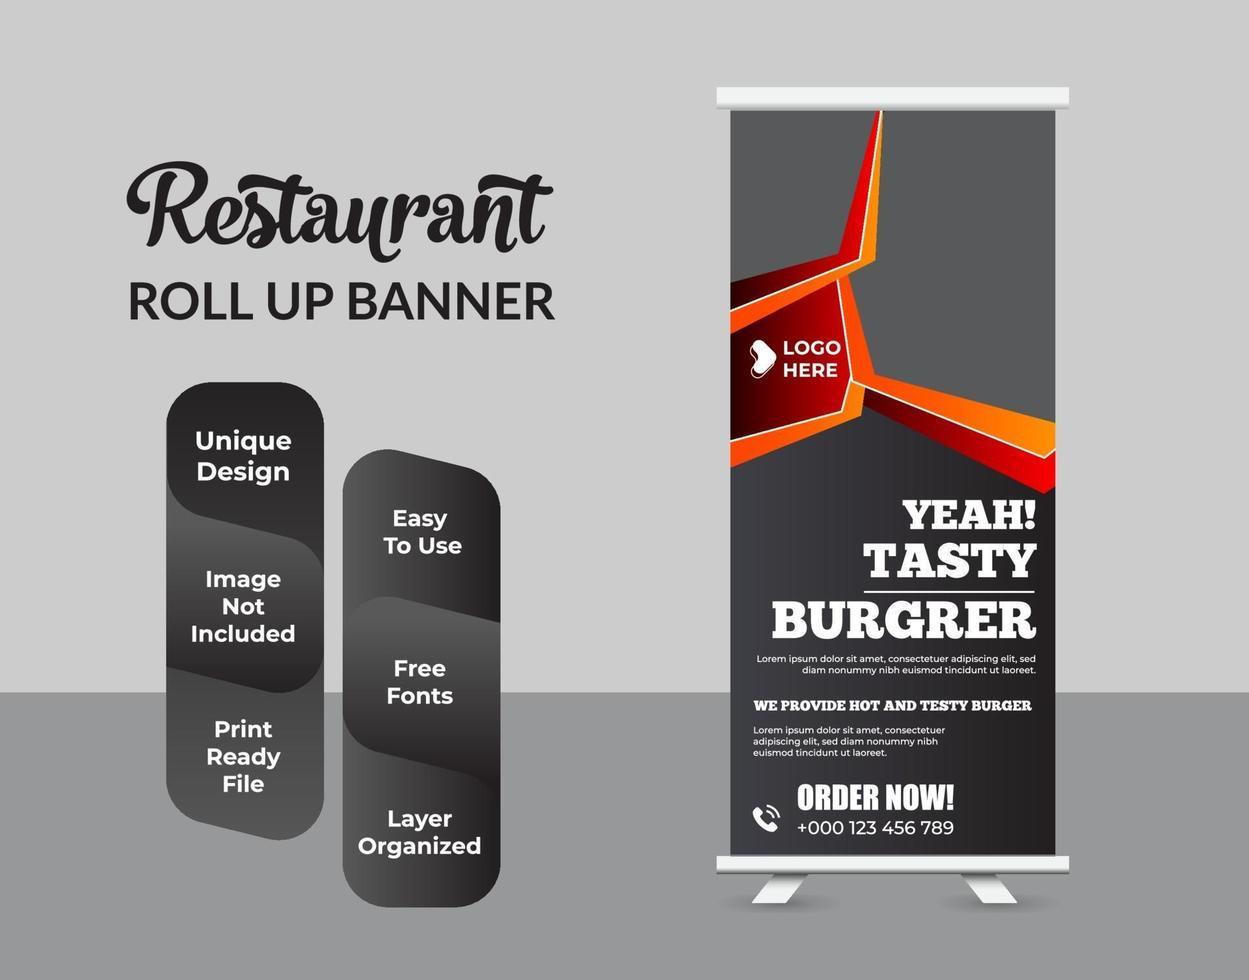 Restaurant Geschäft Rollup Banner Vorlage Design vektor